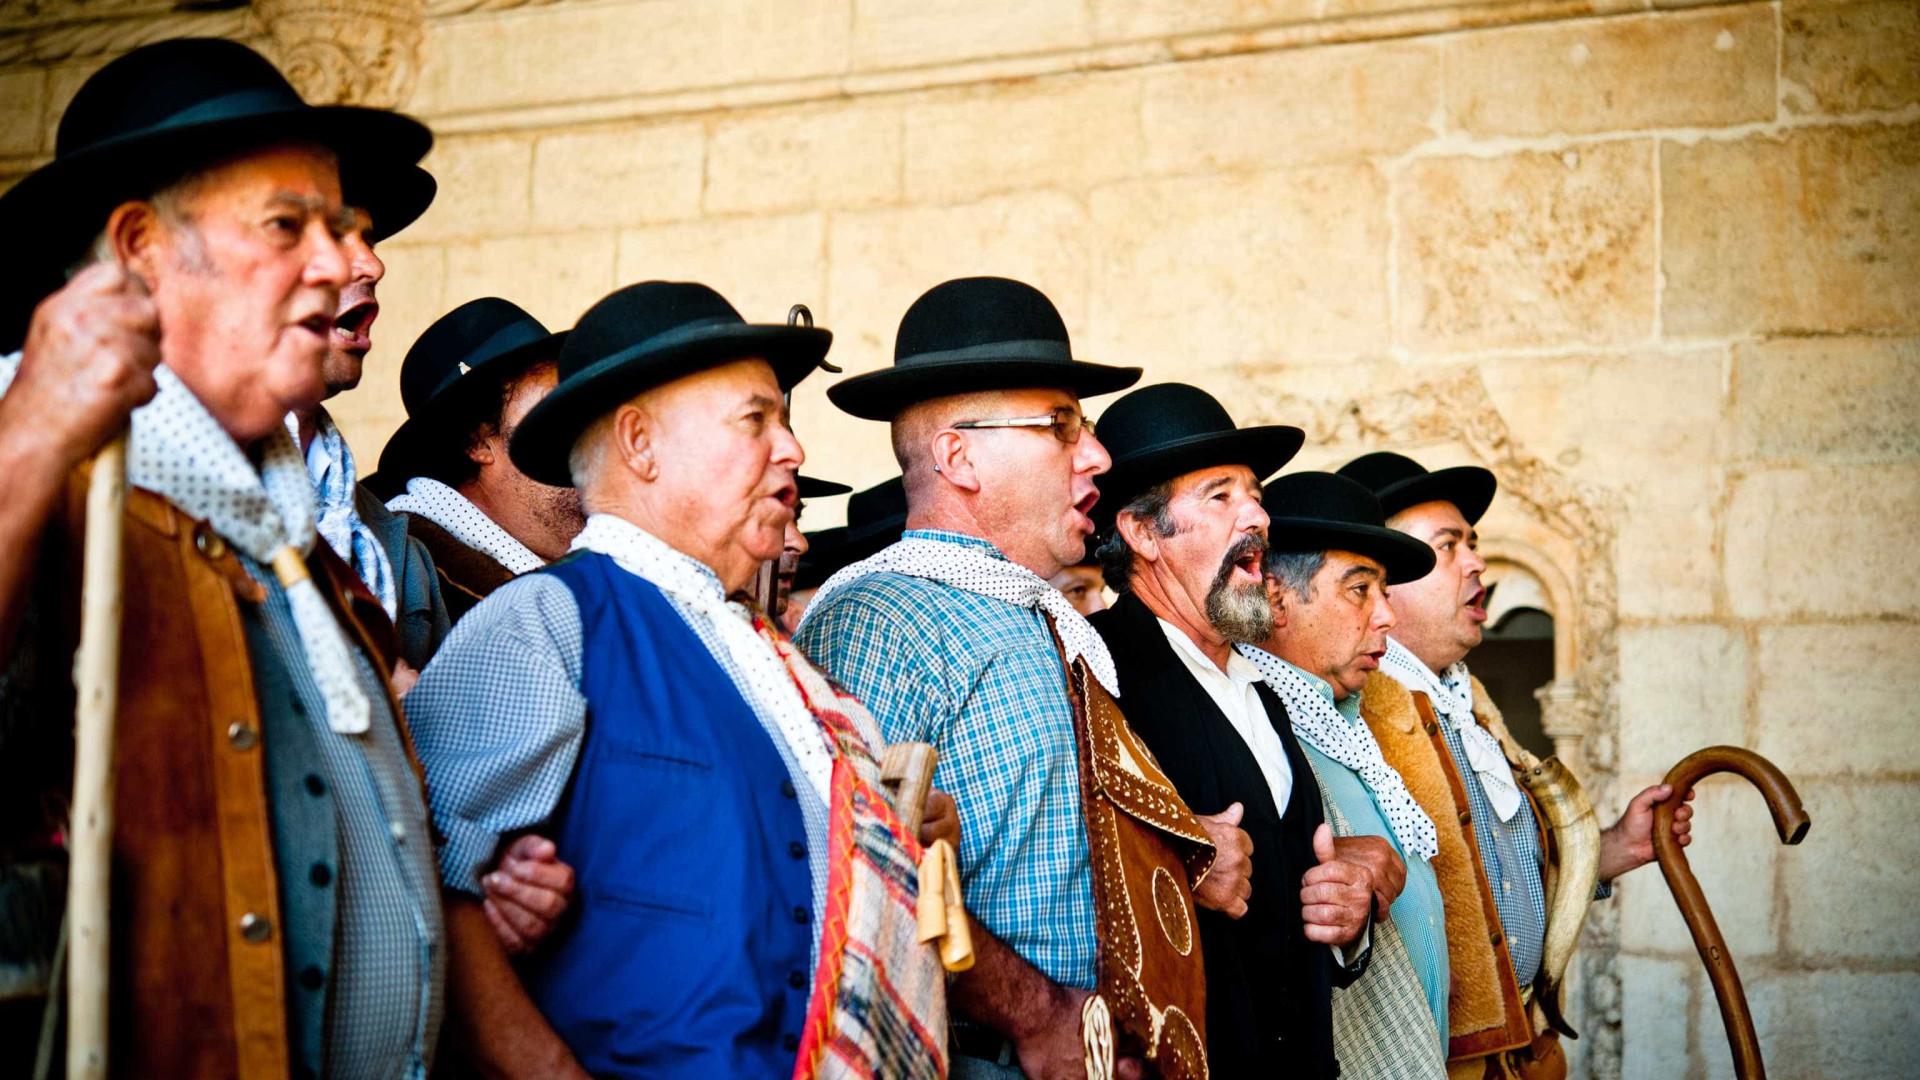 O Cante Alentejano por estrangeiros em documentário no Bons Sons